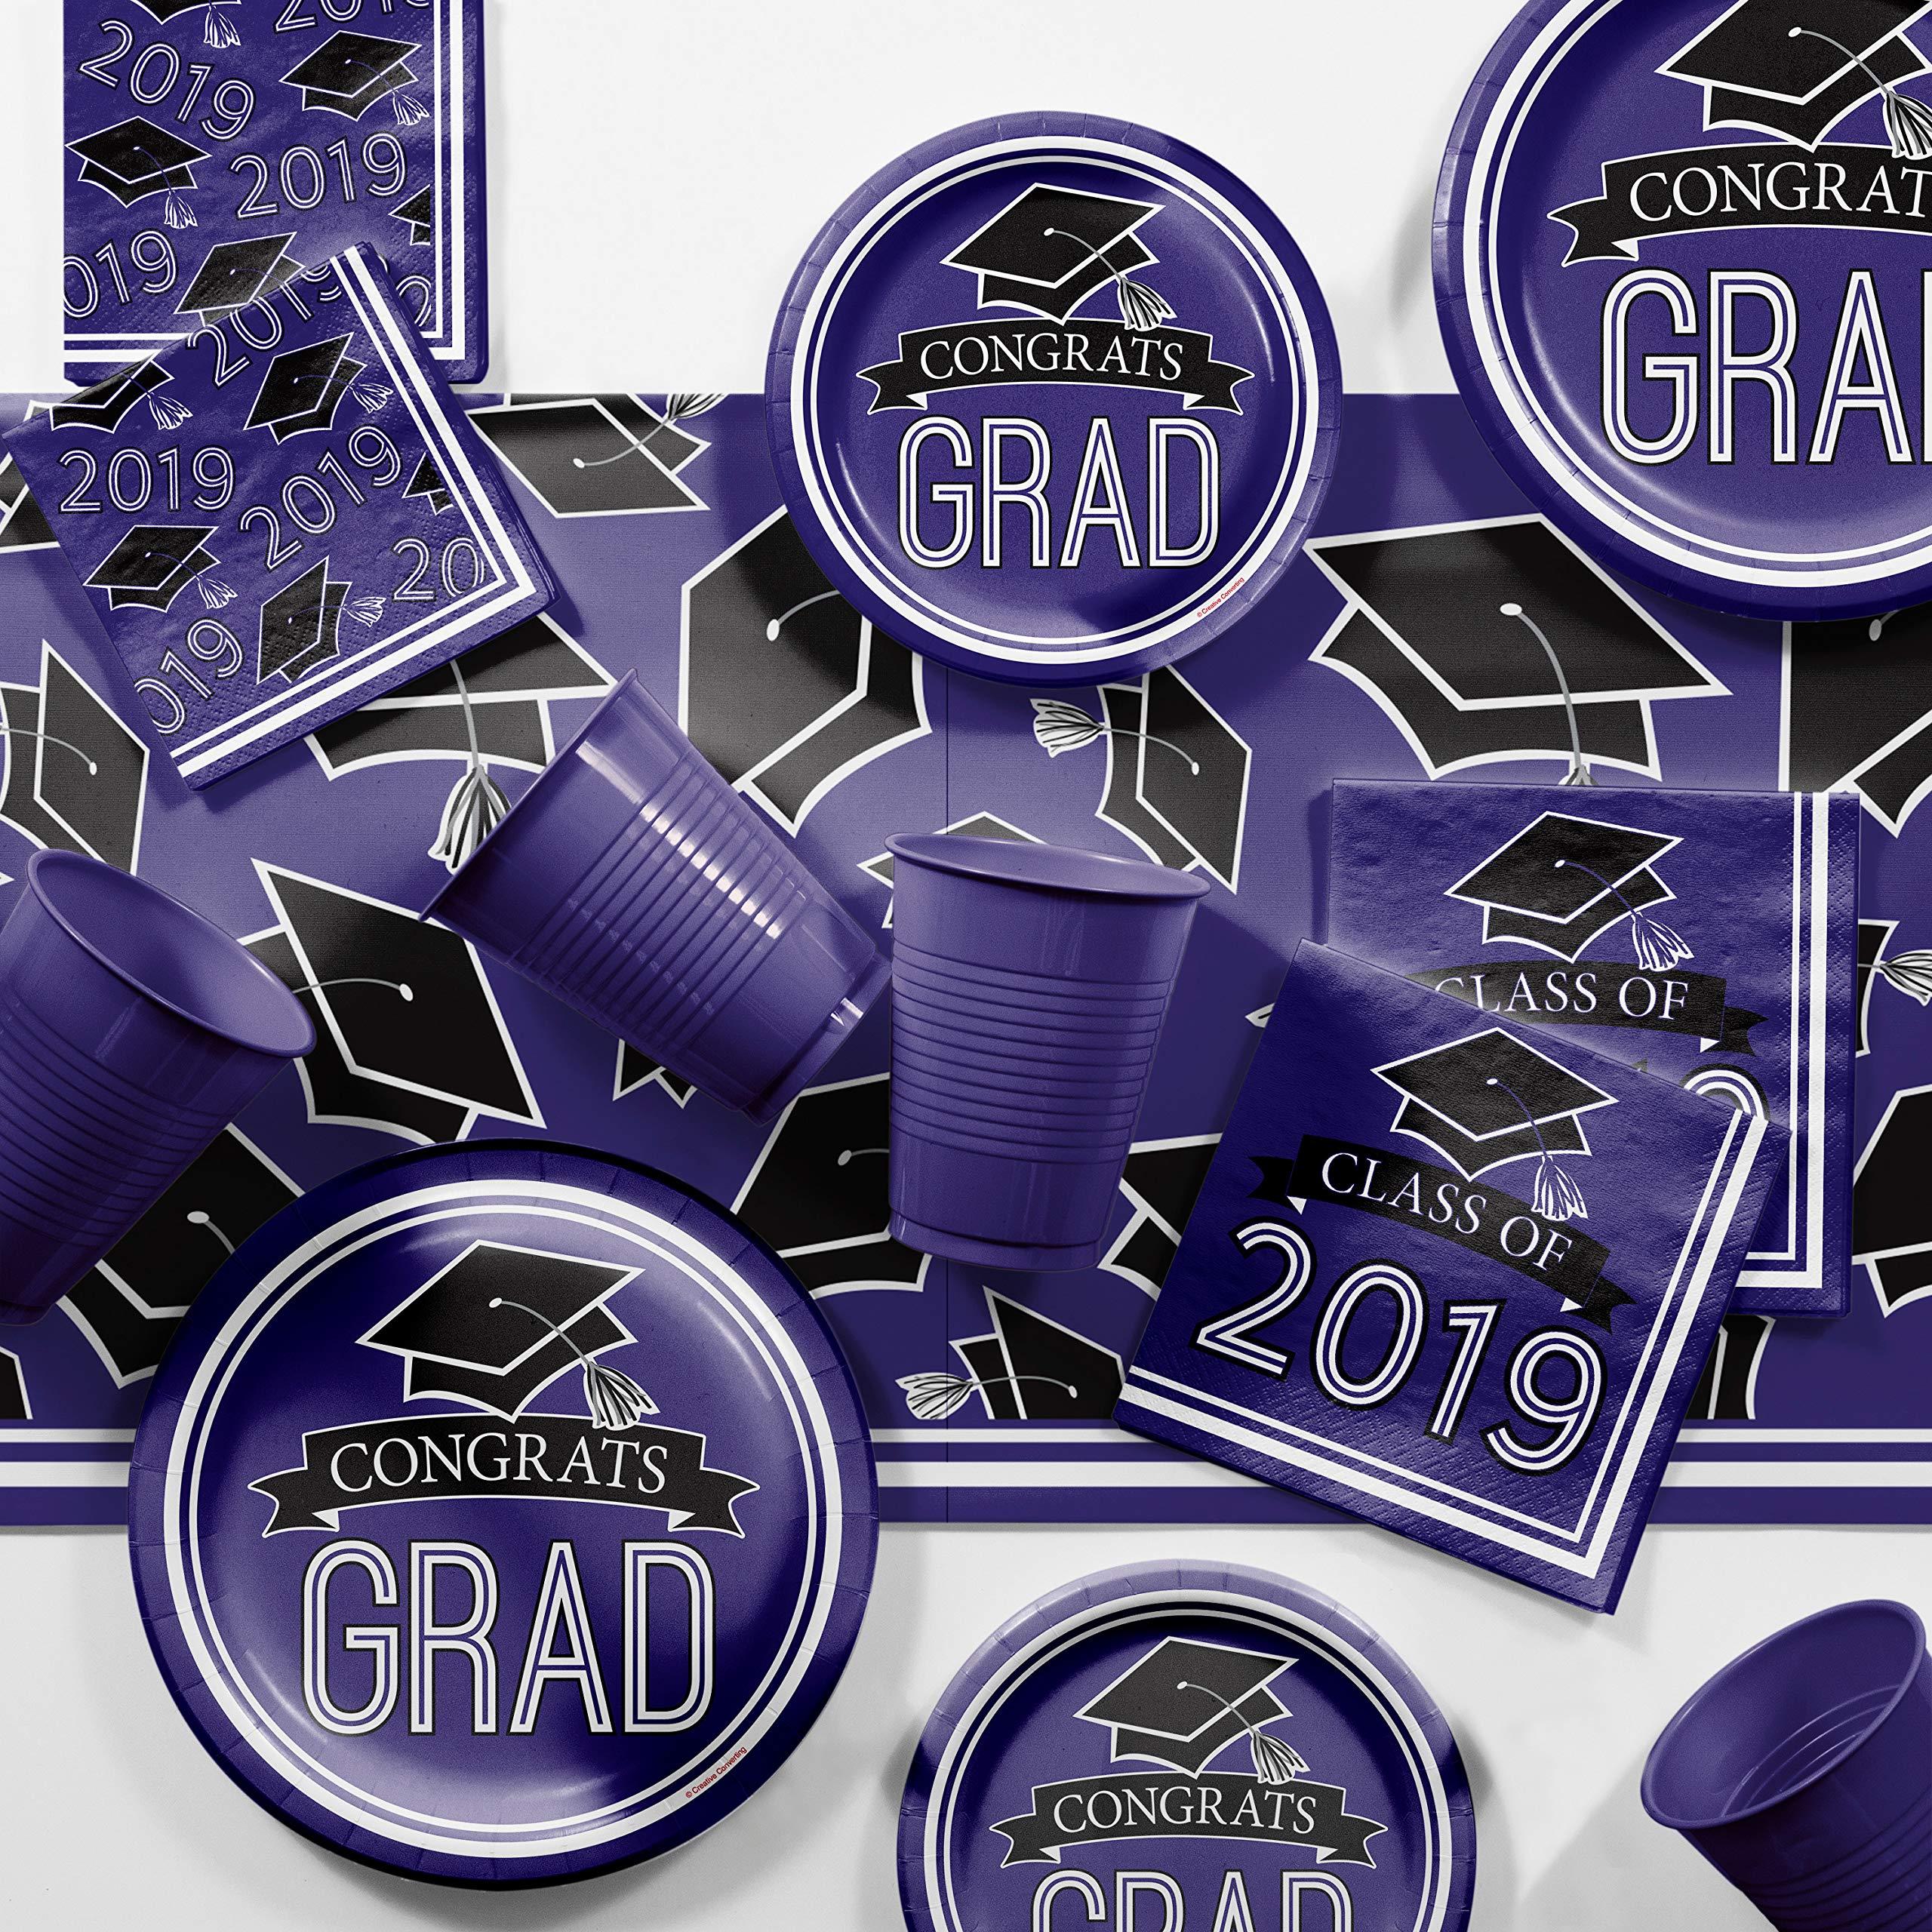 Purple 2019 Graduation Party Supplies Kit, Serves 36